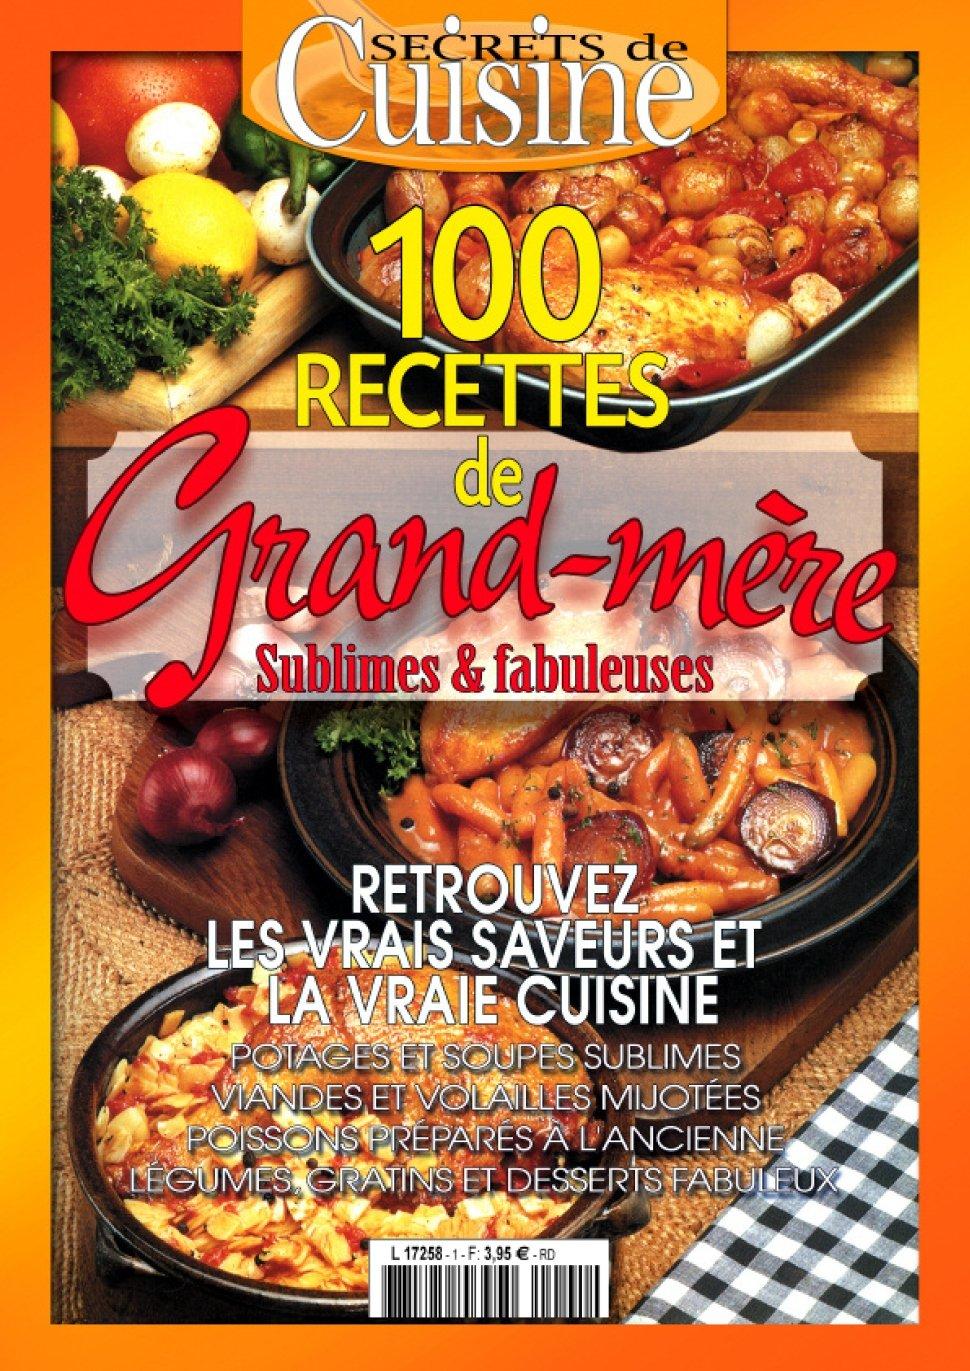 Download secrets de cuisine n 3 100 recettes 2015 for Secrets de cuisine